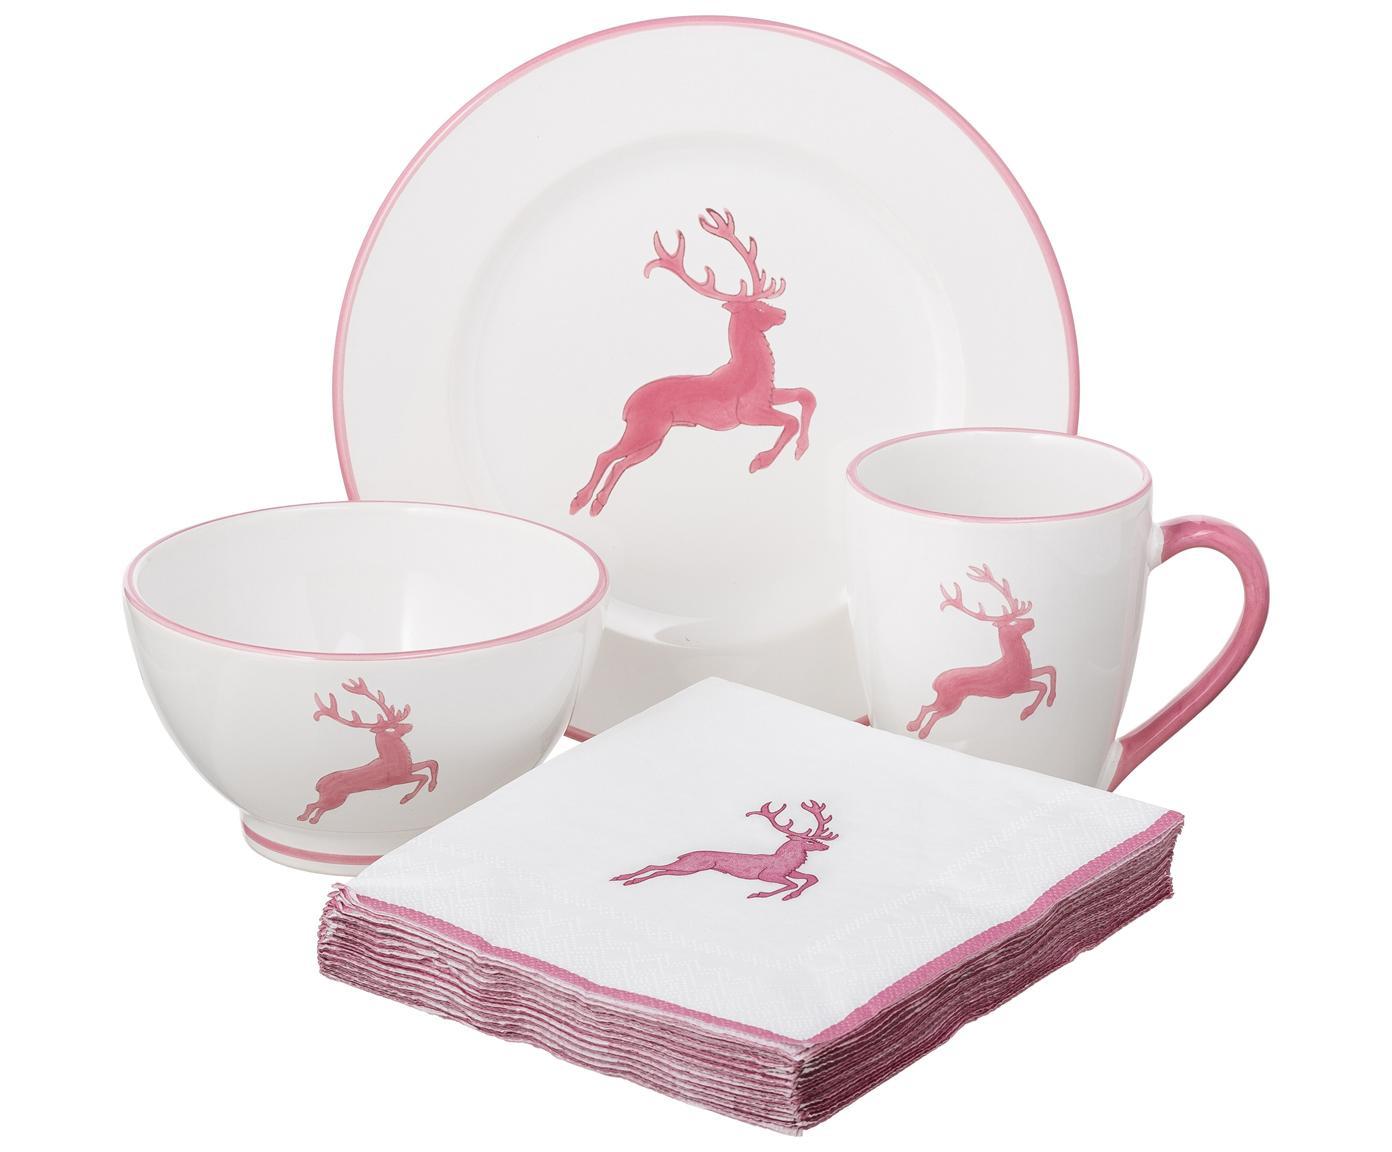 Servizio da colazione Rosa Gourmet Hirsch 4 pz, Ceramica, Rosa, bianco, Diverse dimensioni